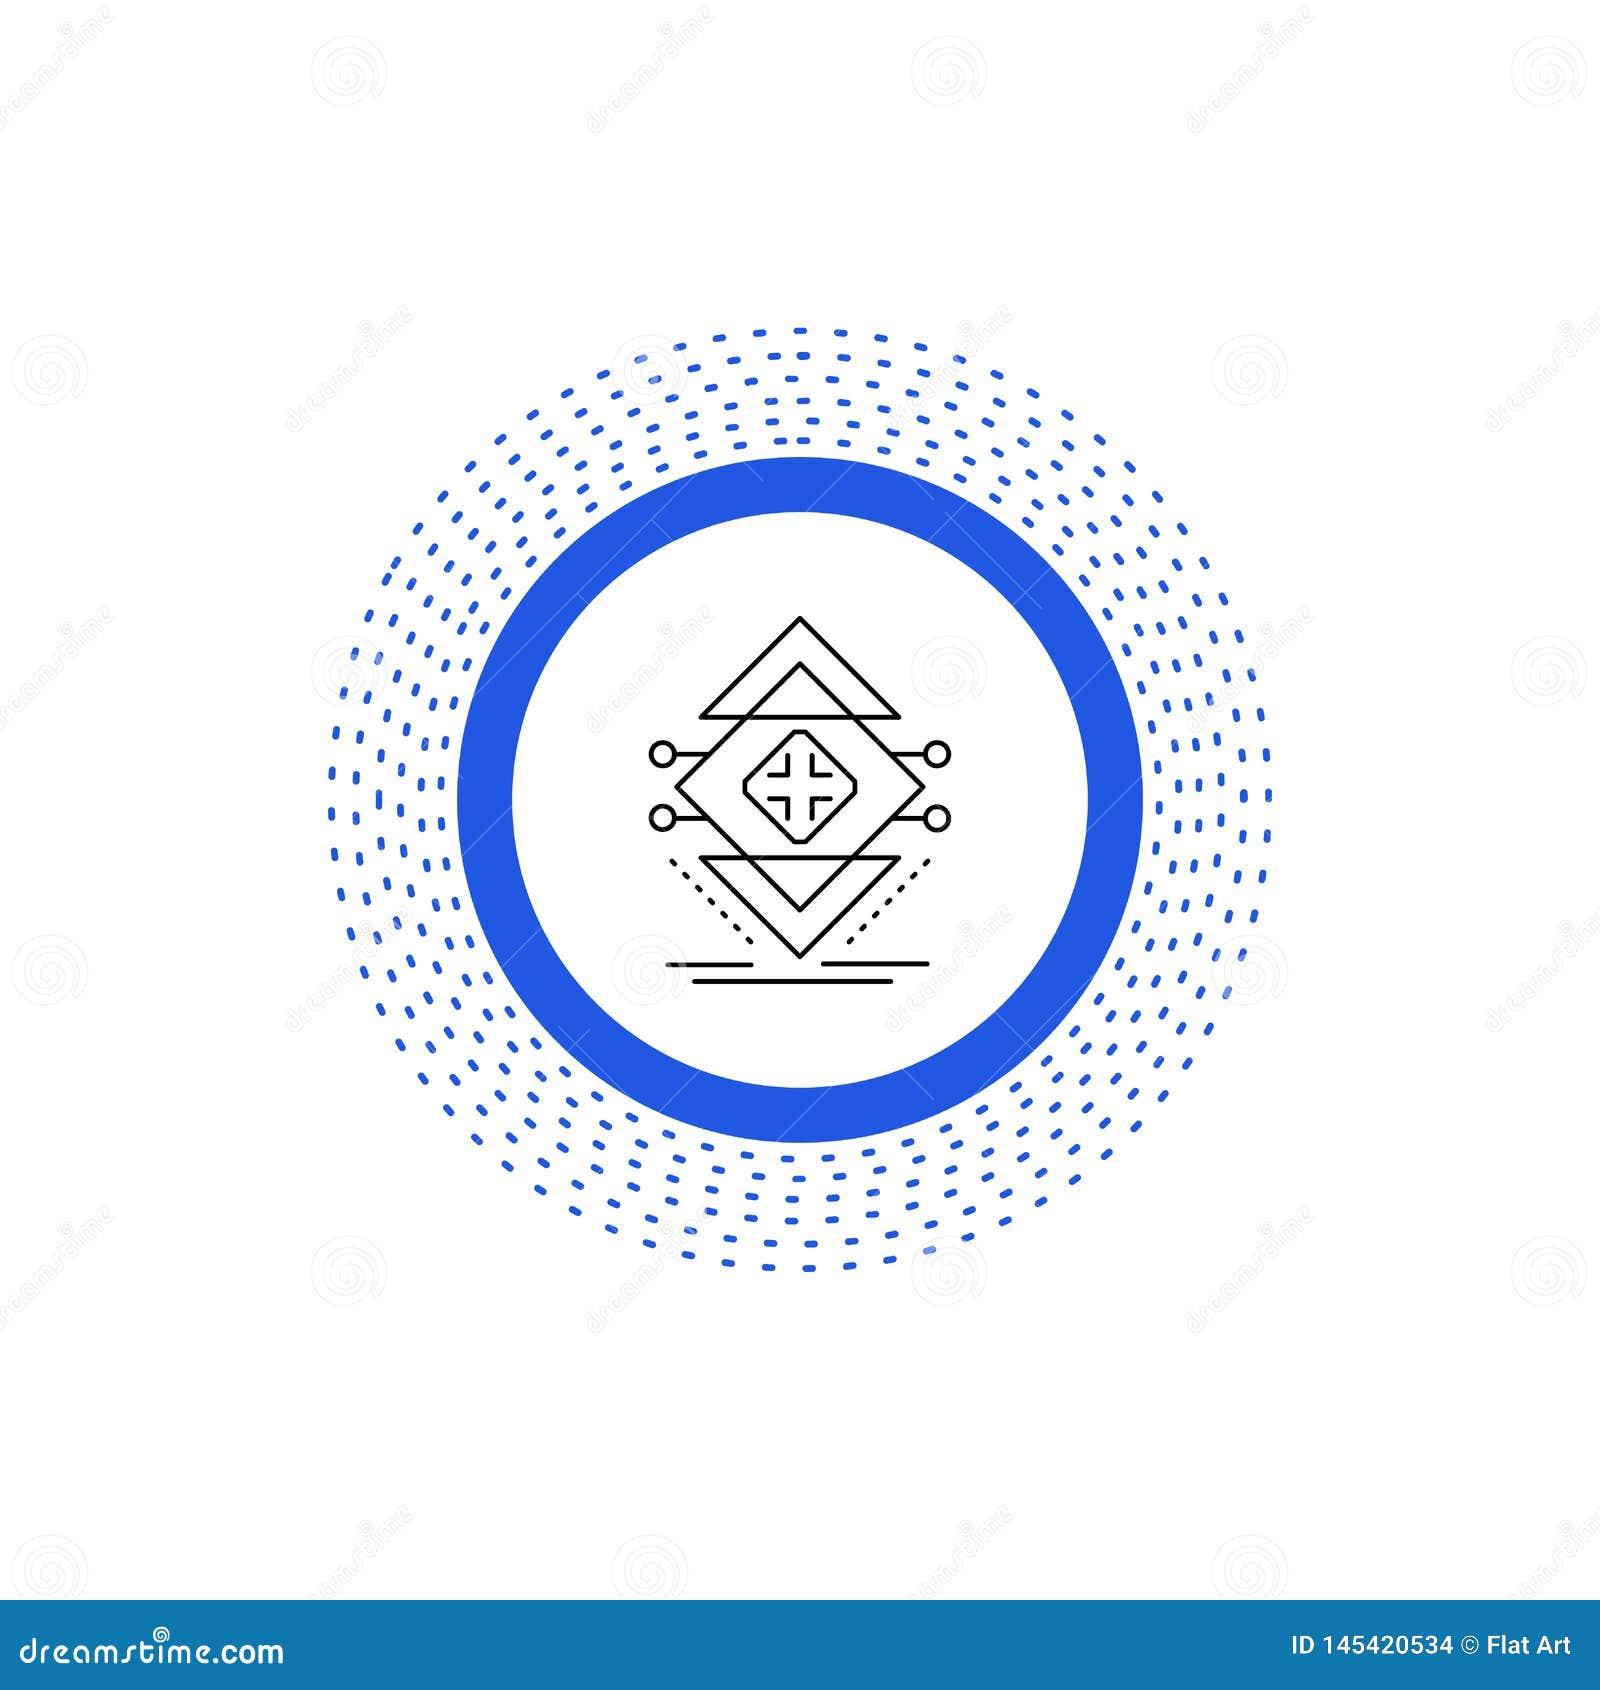 Datenverarbeitung, Daten, Infrastruktur, Wissenschaft, Struktur Linie Ikone Vektor lokalisierte Illustration